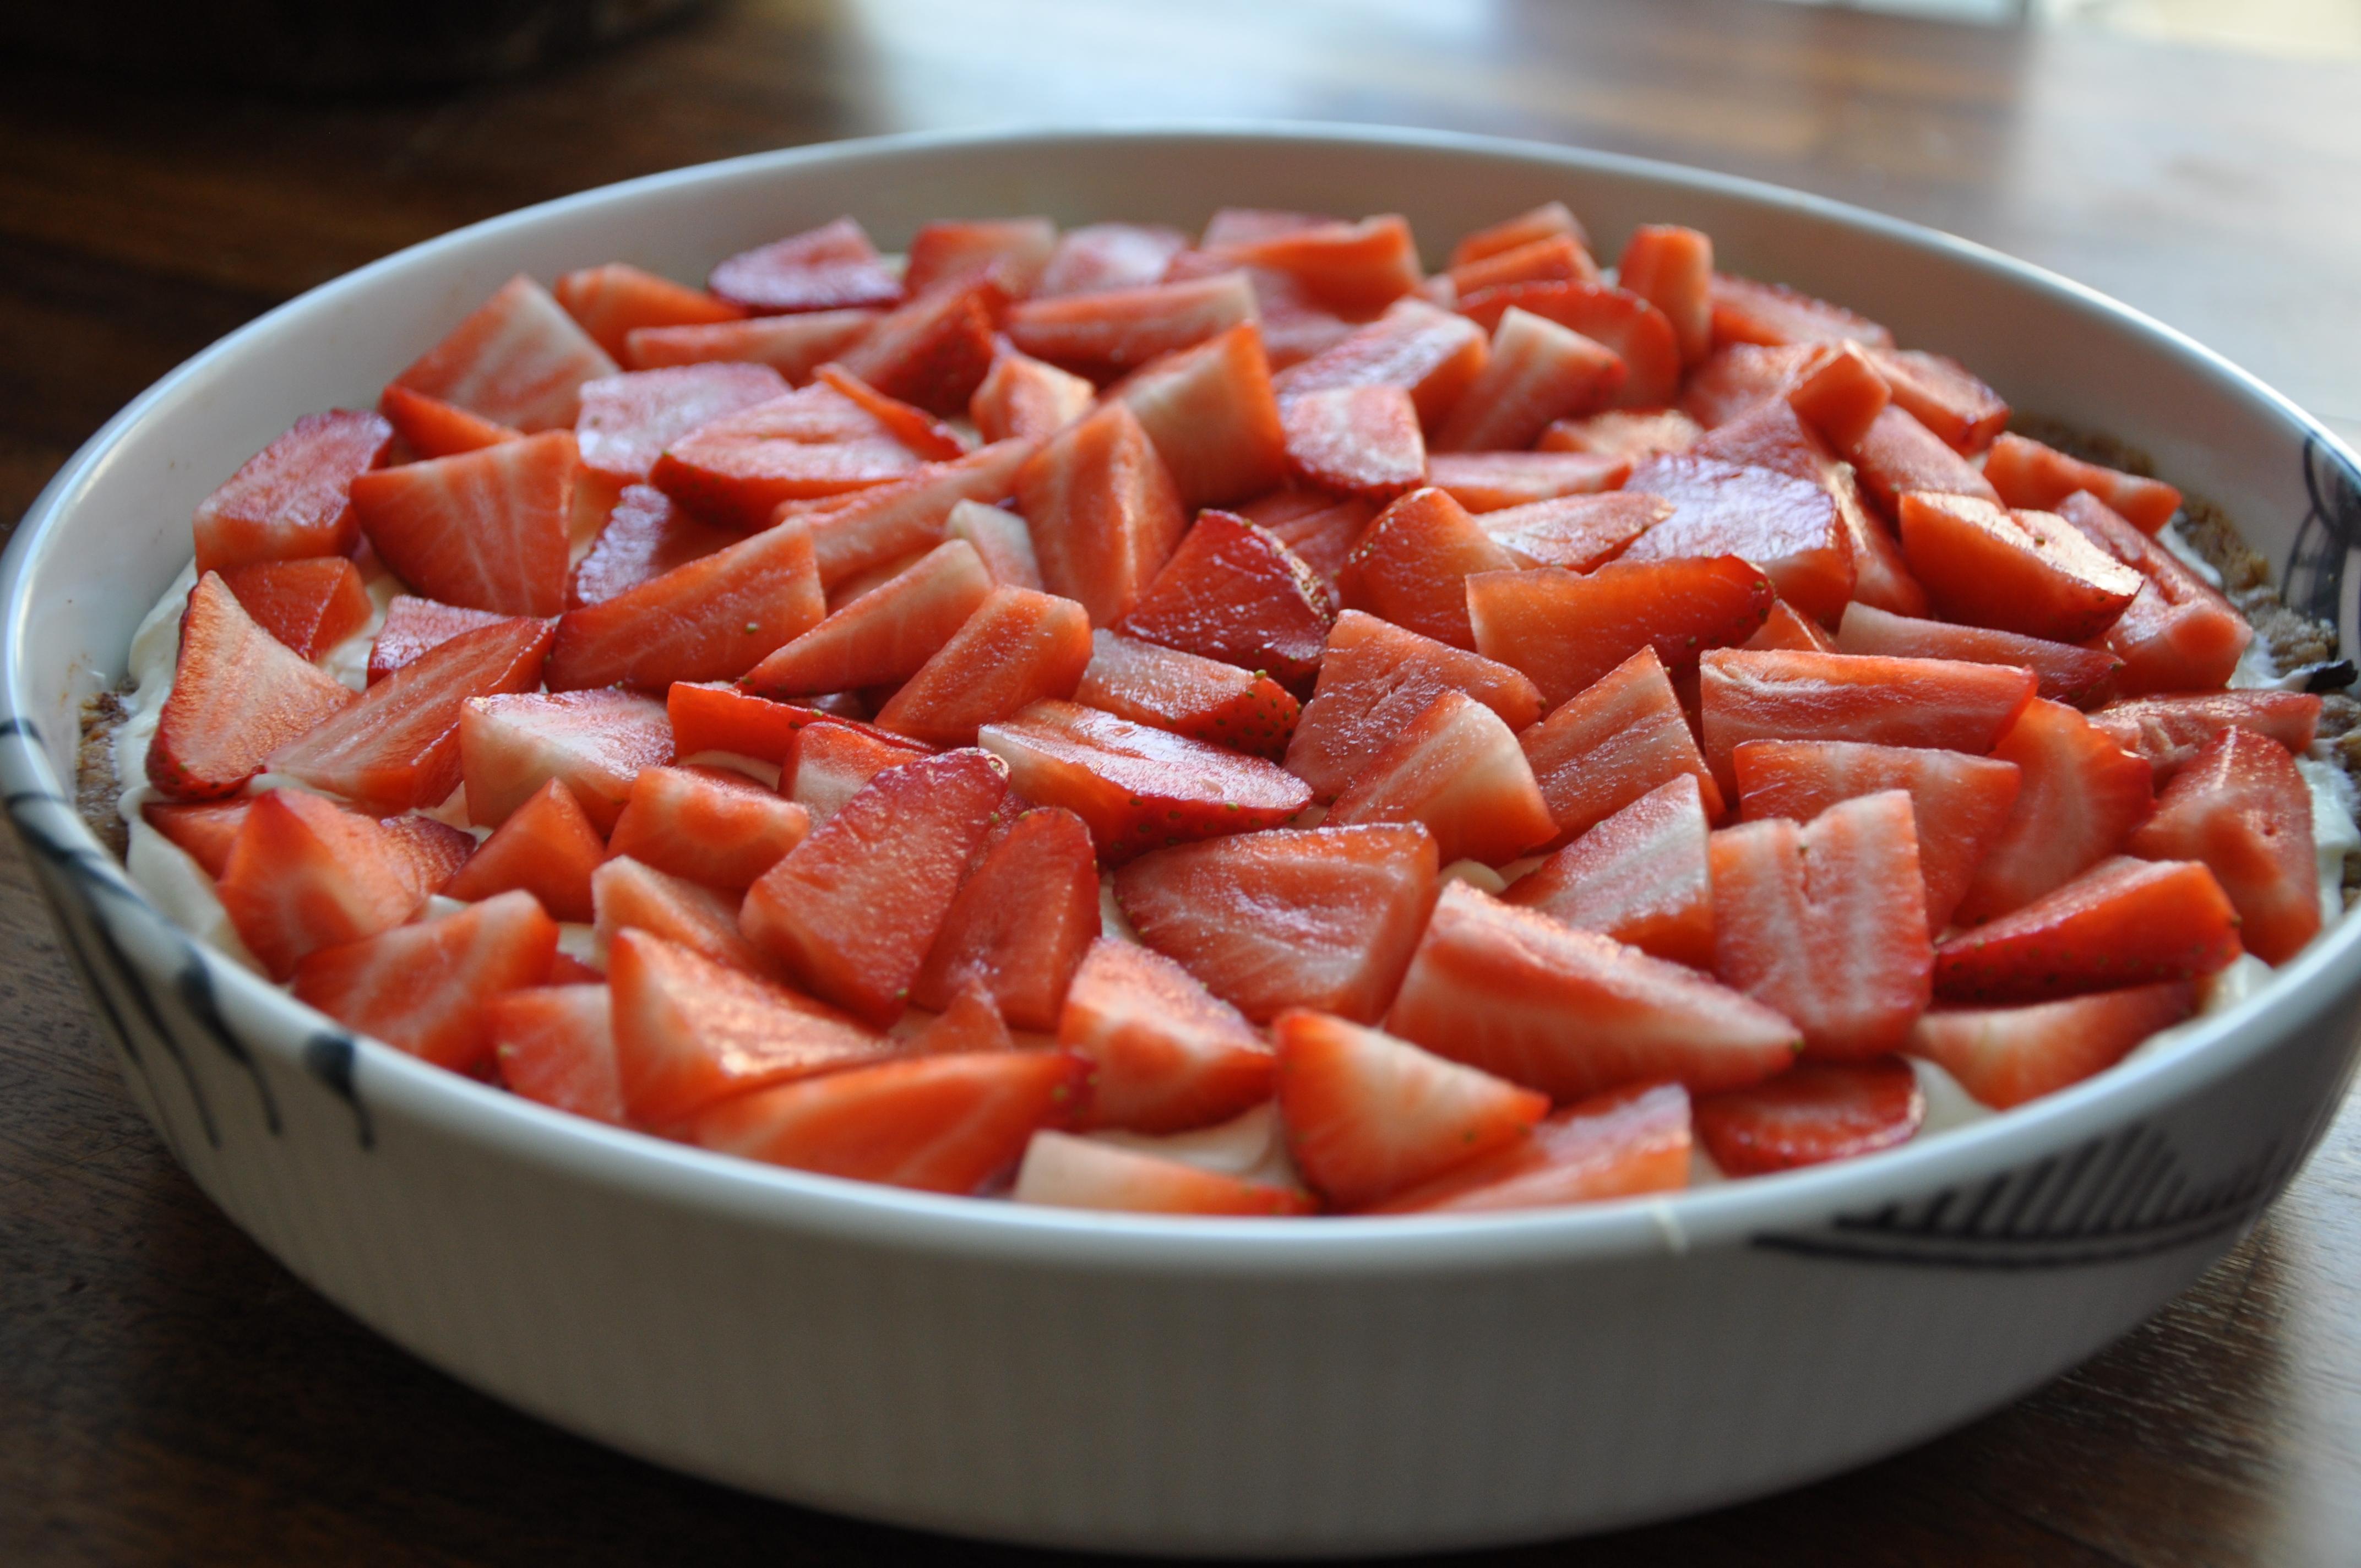 Alletiders Kogebog Jordbærtærte jordbærtærte | copenhagen food stories